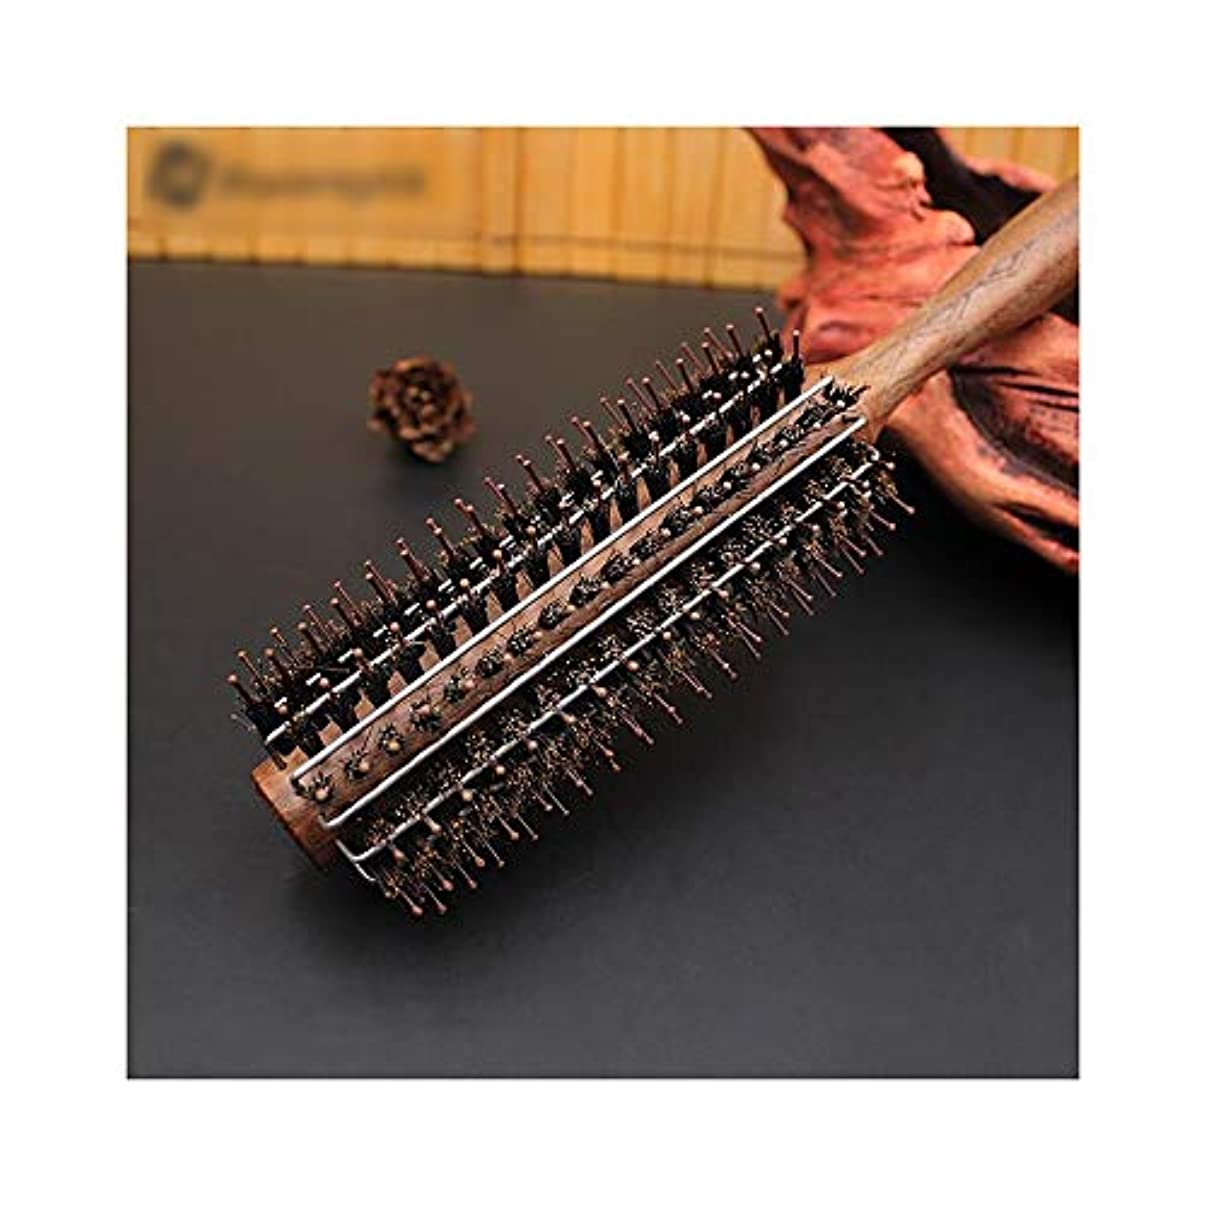 曲げる百年メガロポリスXiongdeisix 黒いクルミの櫛の木製のハンドルの圧延のブラシ、女性及びメンズのための帯電防止巻き毛の櫛 (サイズ : L)